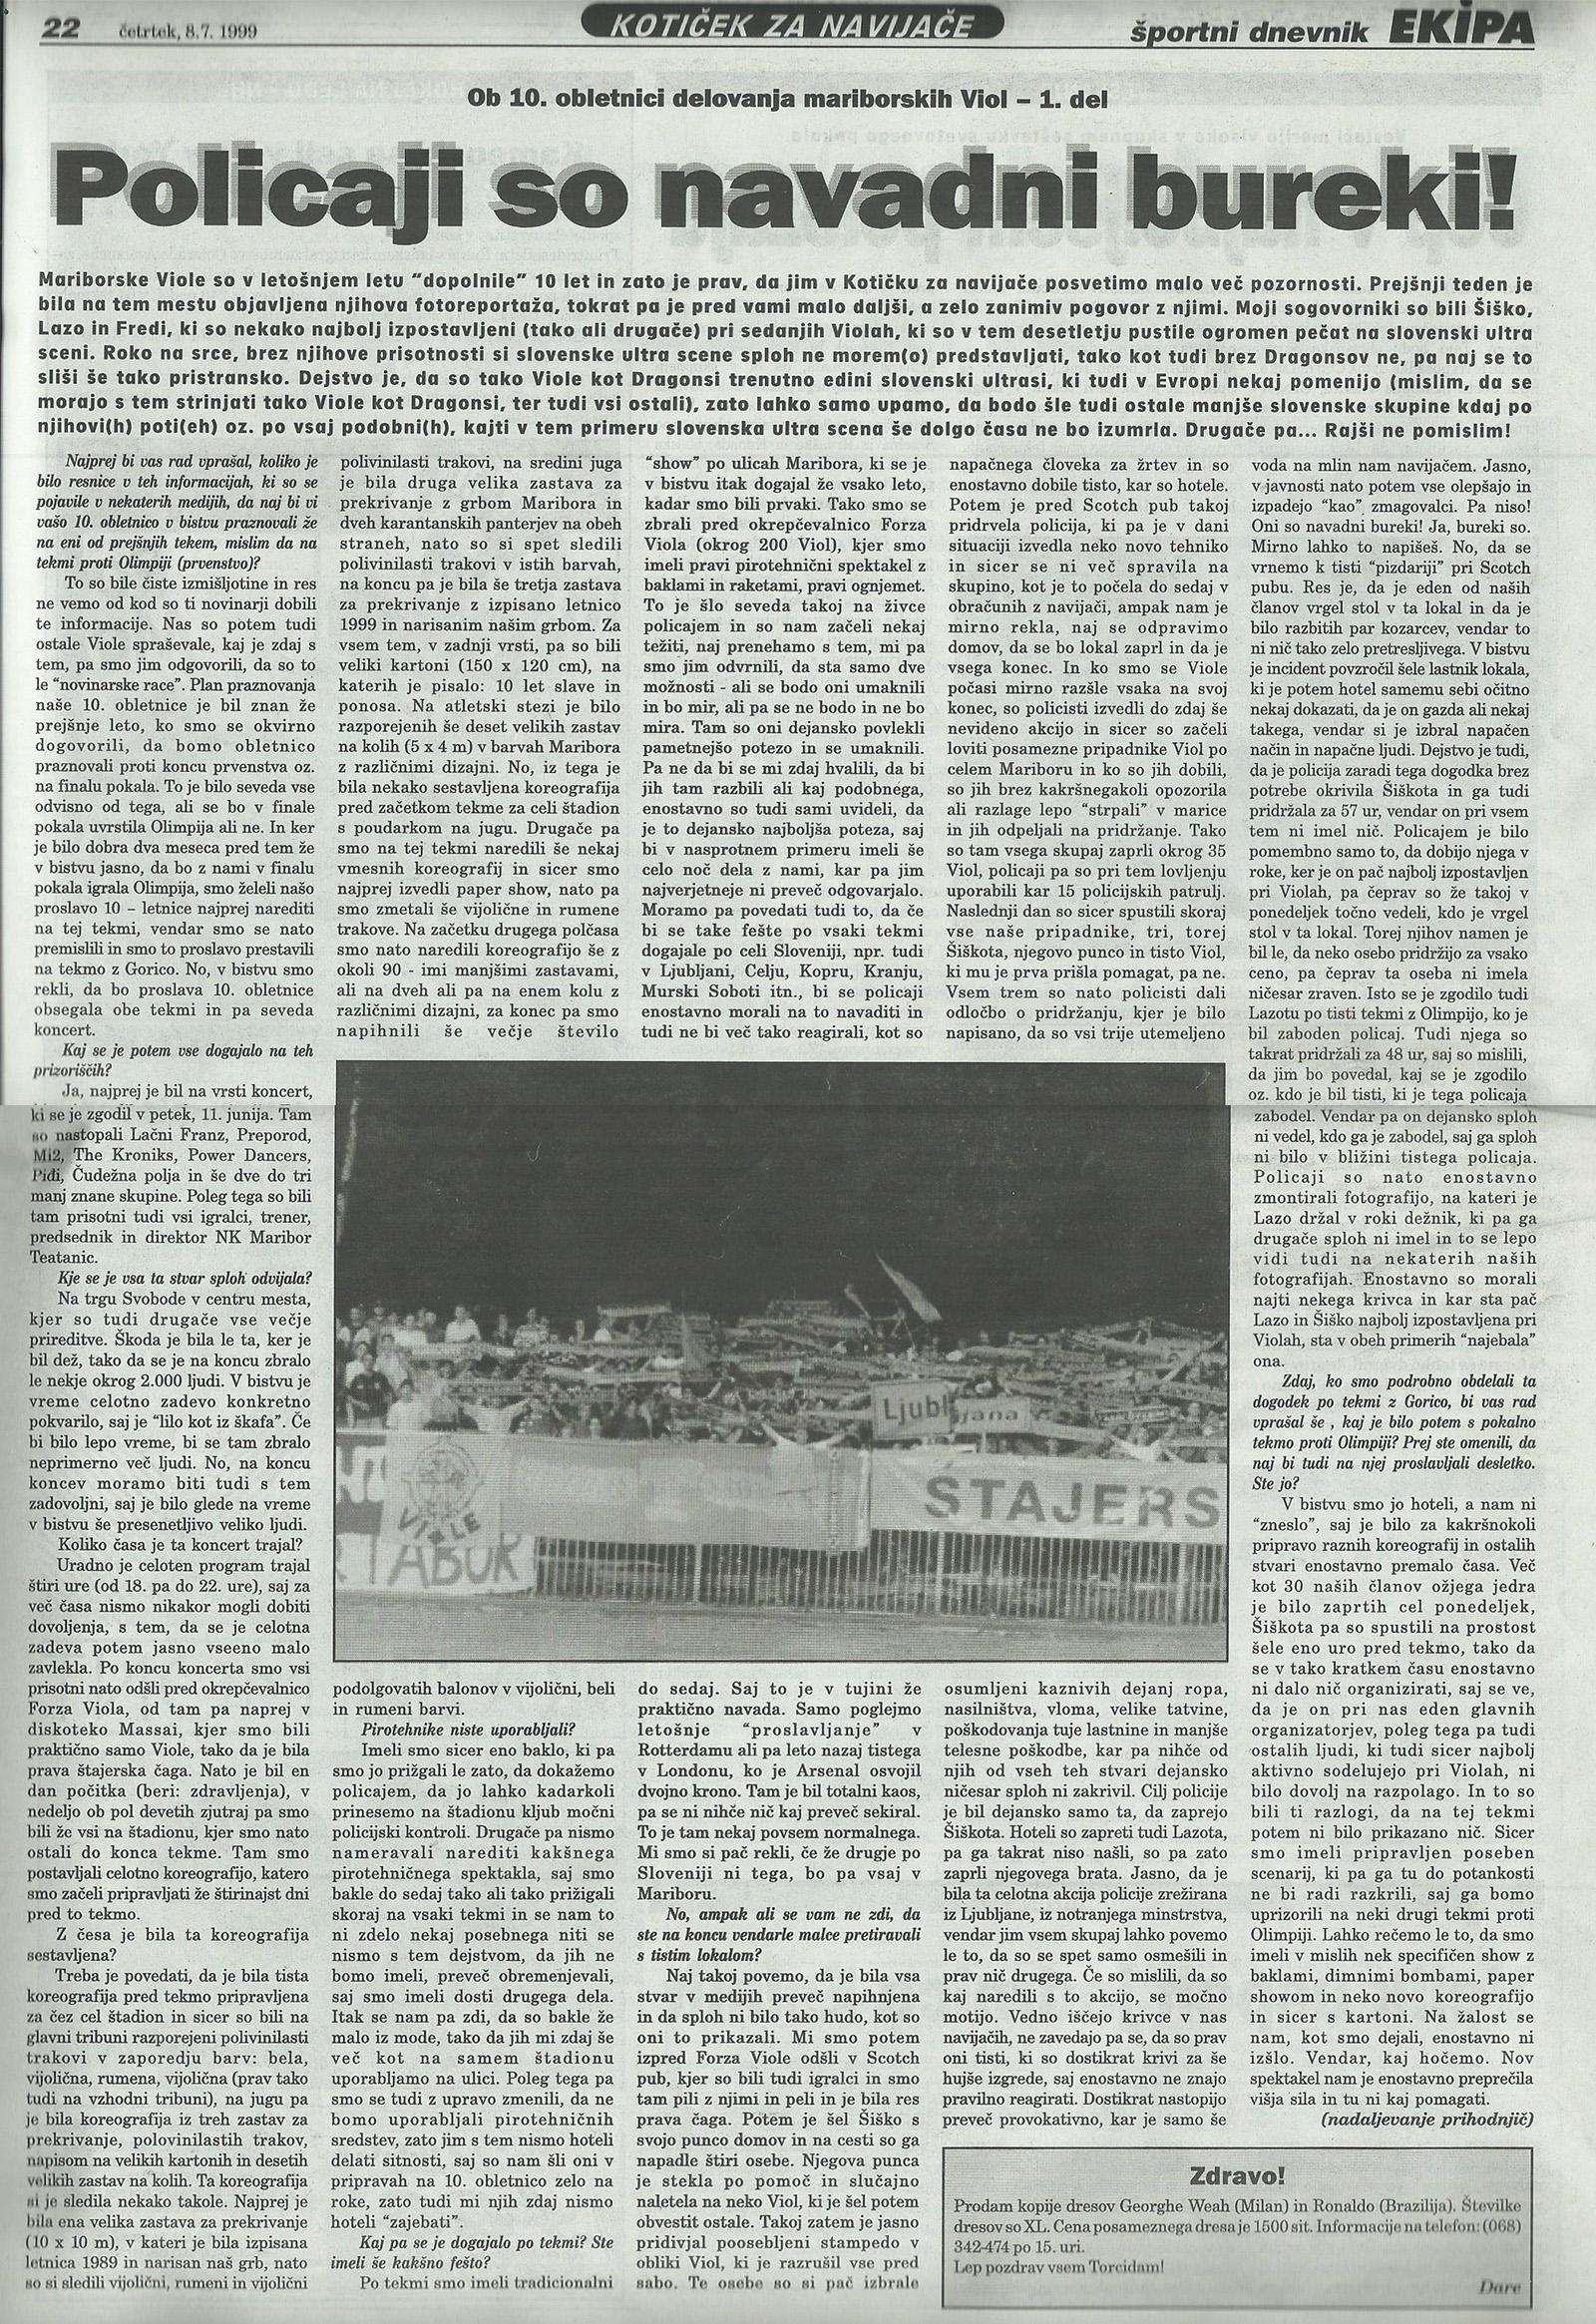 KZN_8-7-1999_1600